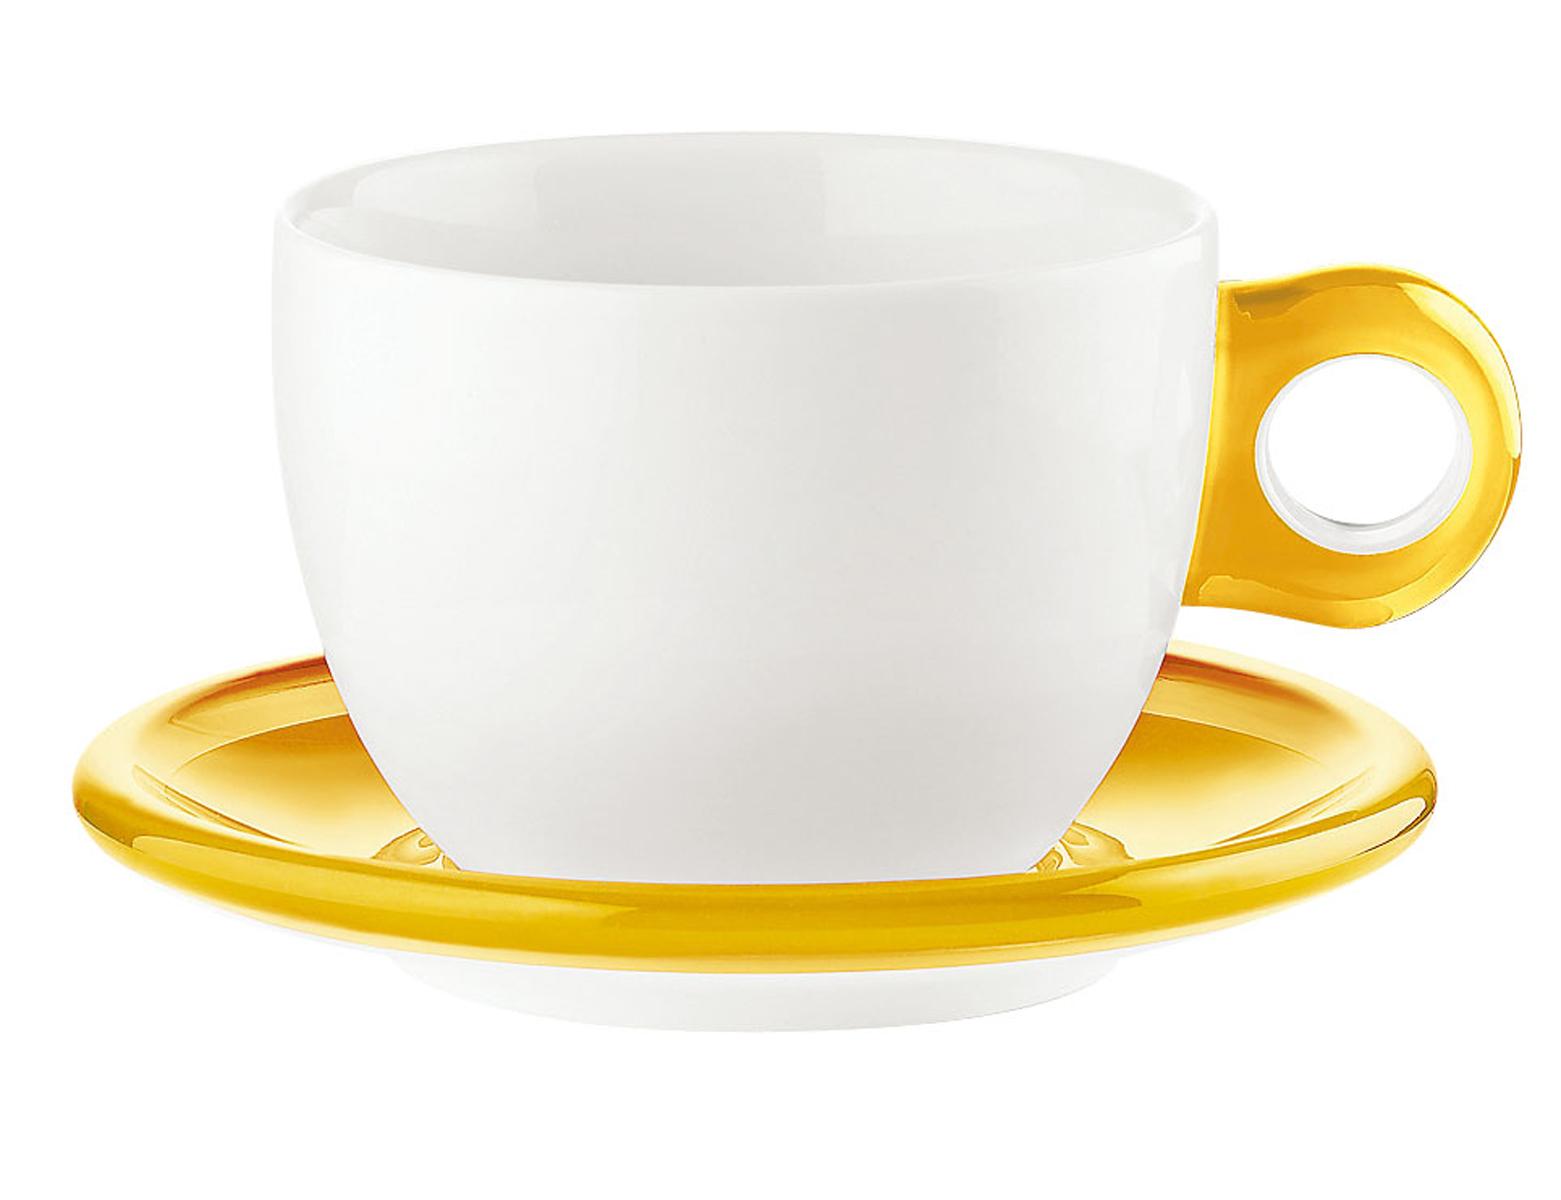 ラージコーヒーカップ 2客セット 2775.0088 イエロー 【卓上用品 グラス 食器 洋食器 コーヒー ティーカップ 業務用 販売 通販】 [7-2264-0205 6-2148-0205 ]